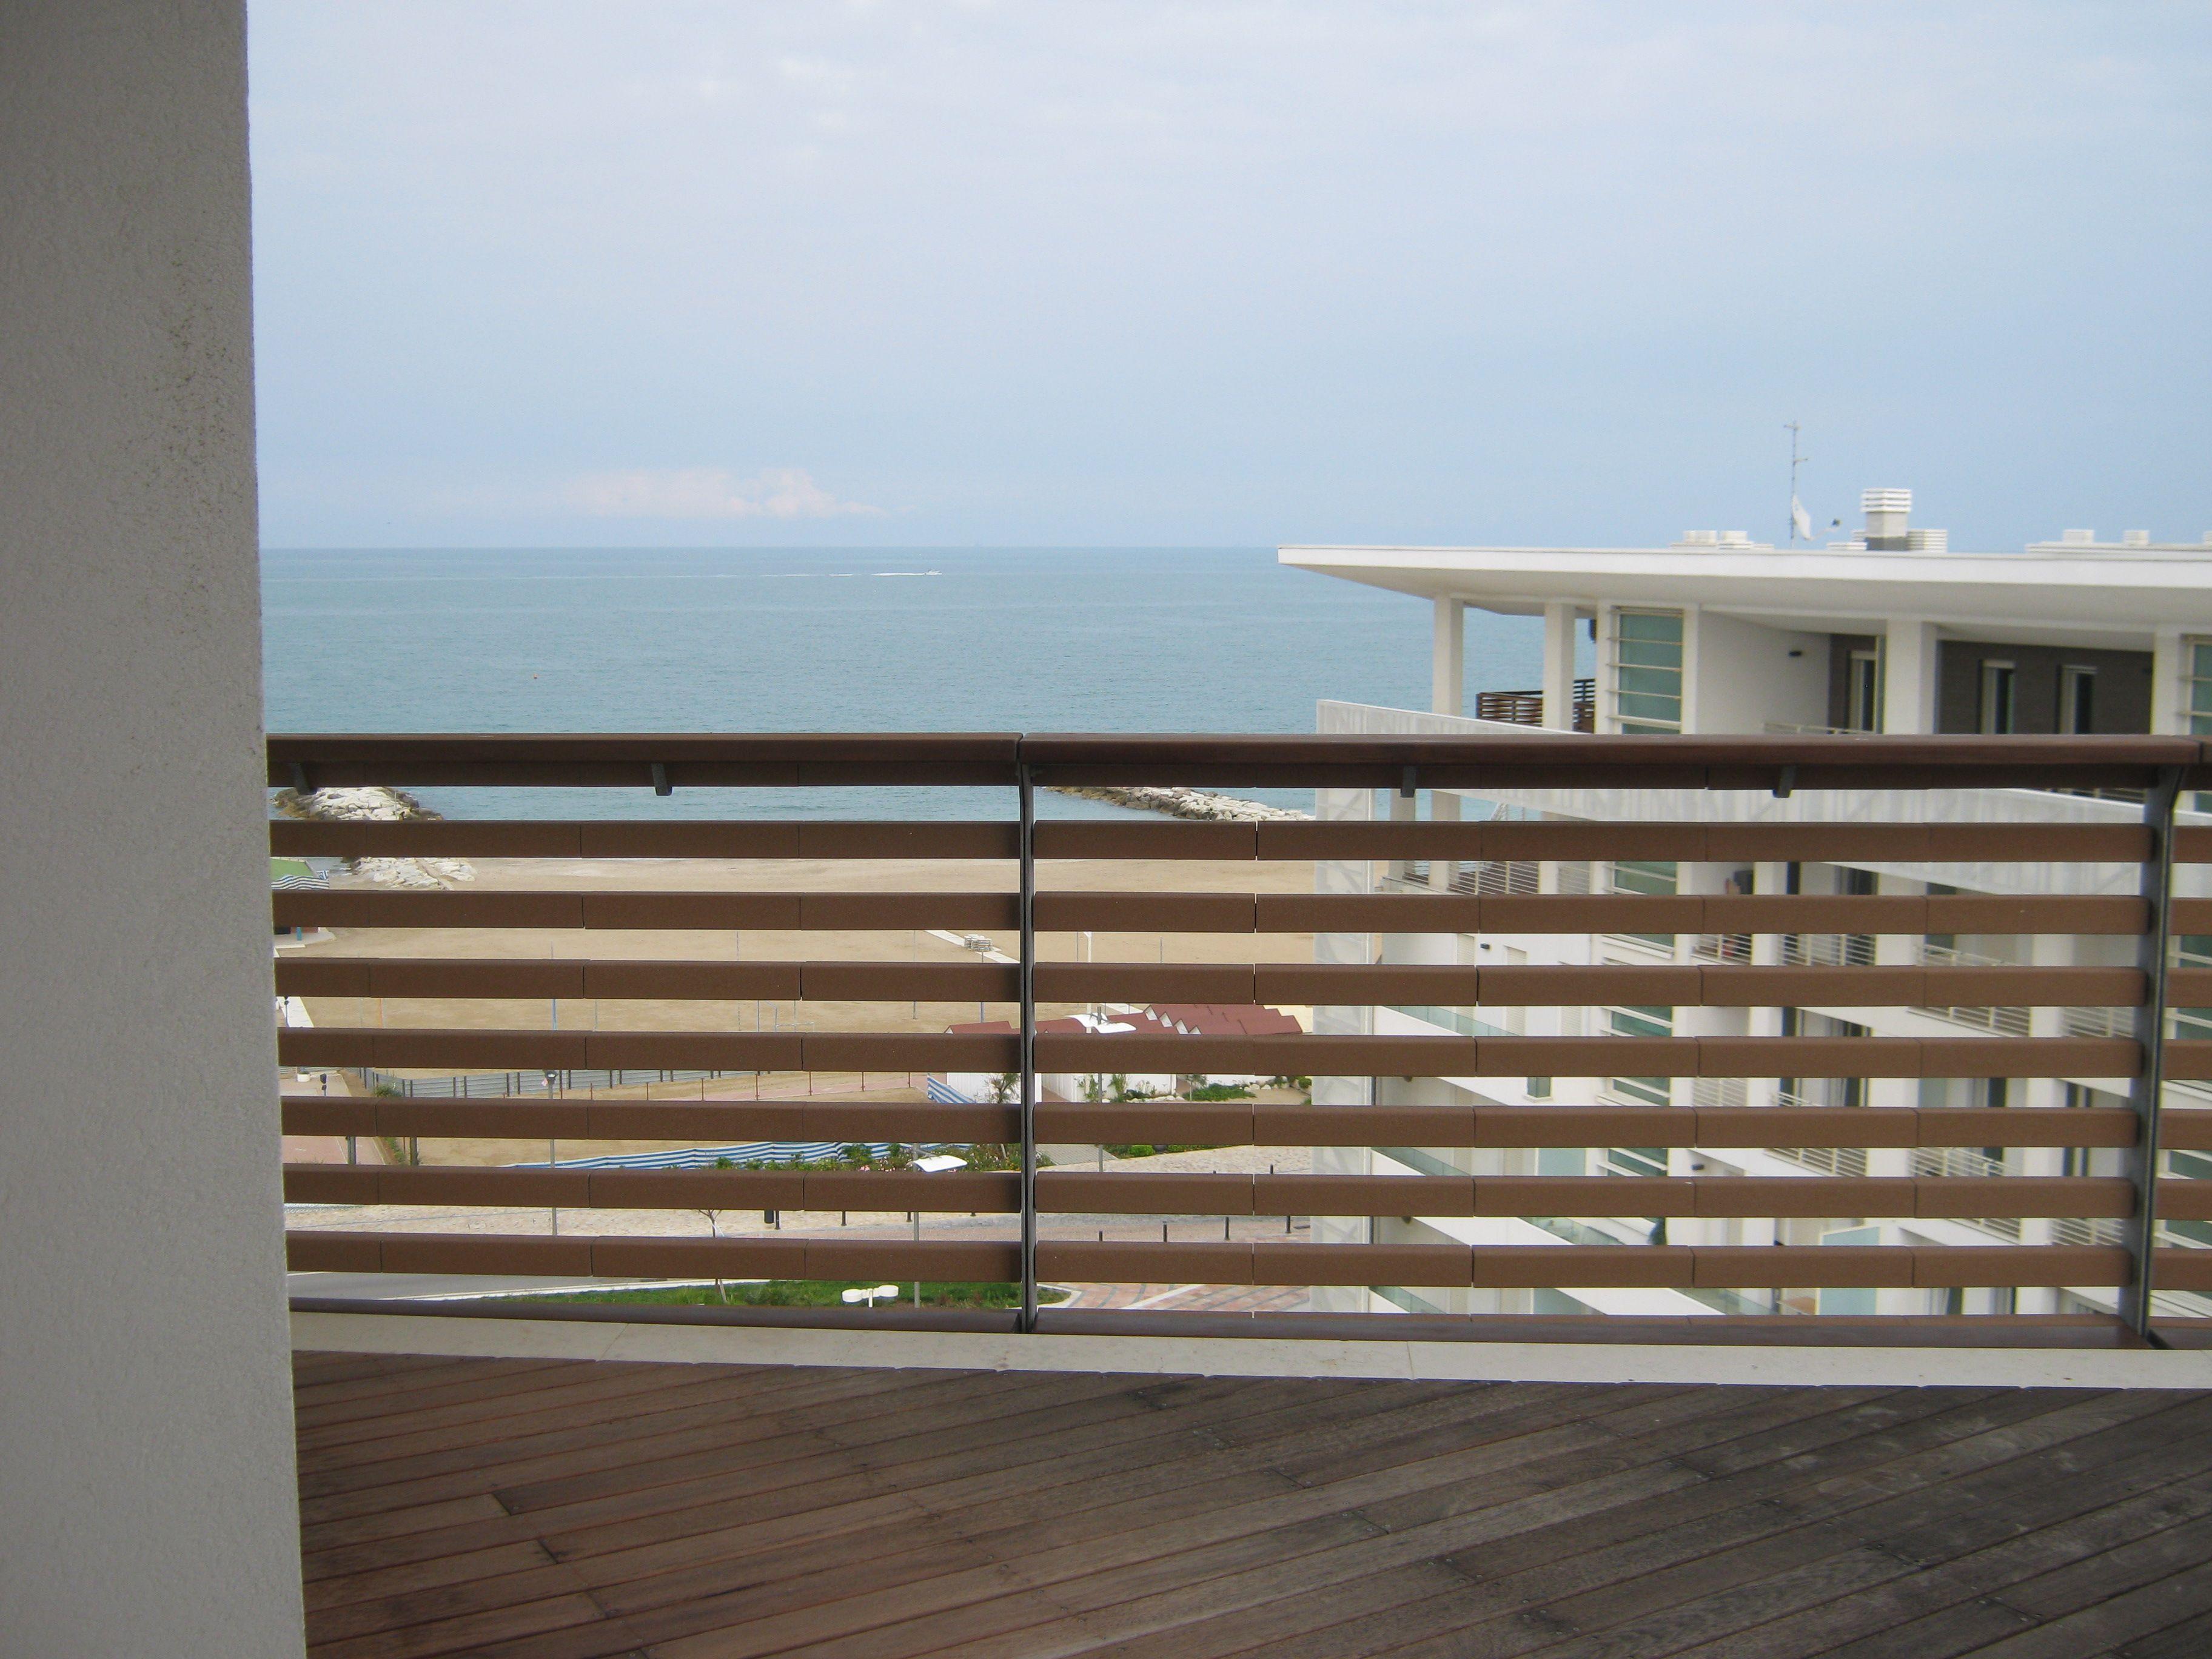 Appartamenti in vendita Misano Rif. A57 www.riccioneaffittivendite.it